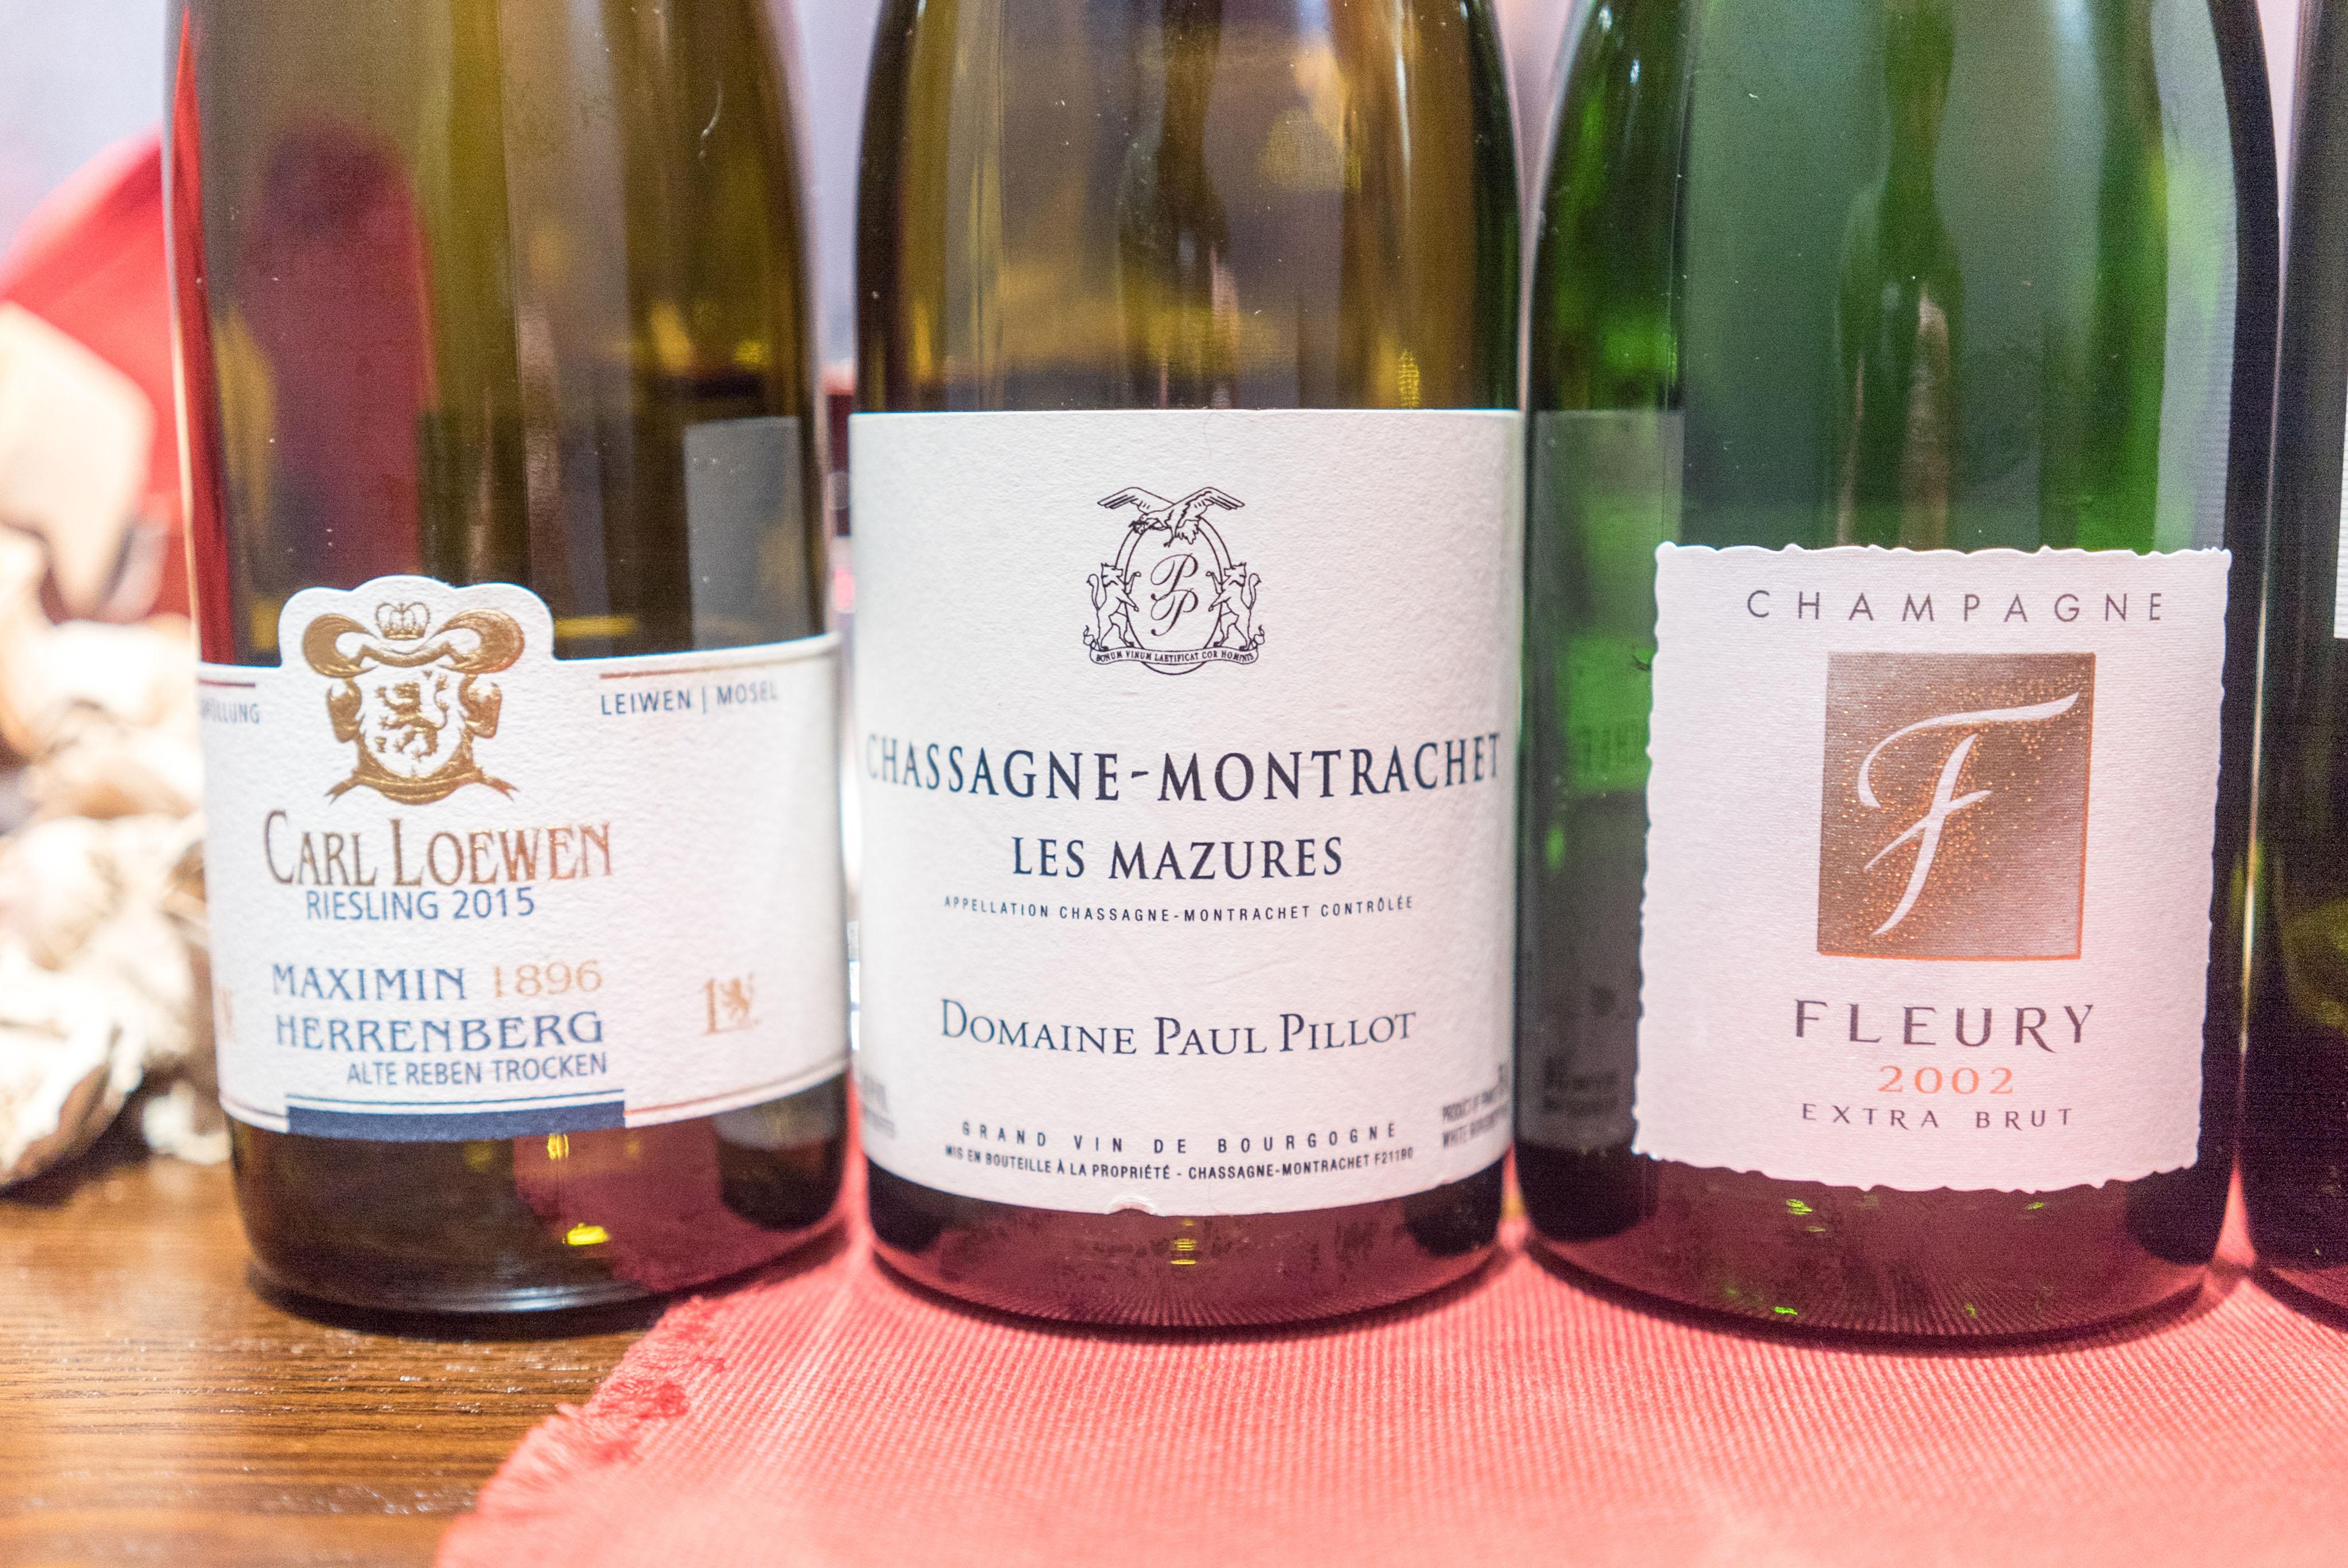 Domaine Paul Pillot Chassagne Montrachet Les Mazures 2014